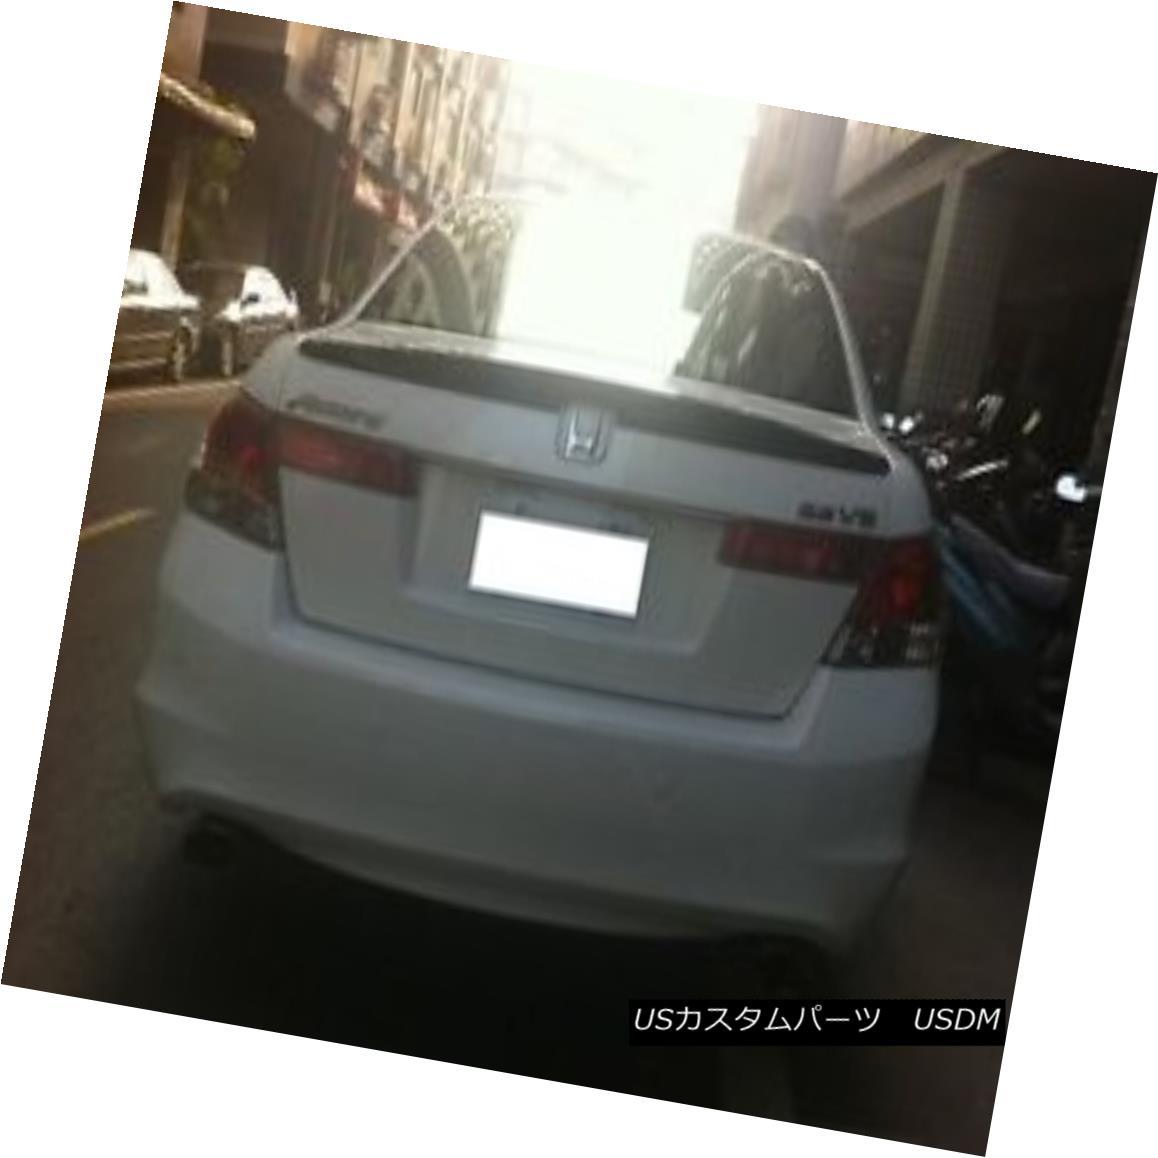 エアロパーツ Painted Honda 08-12 ACCORD Sedan OEM type rear trunk spoiler ◎ 塗装ホンダ08-12 ACCORDセダンOEMタイプの後部トランク・スポイラー?